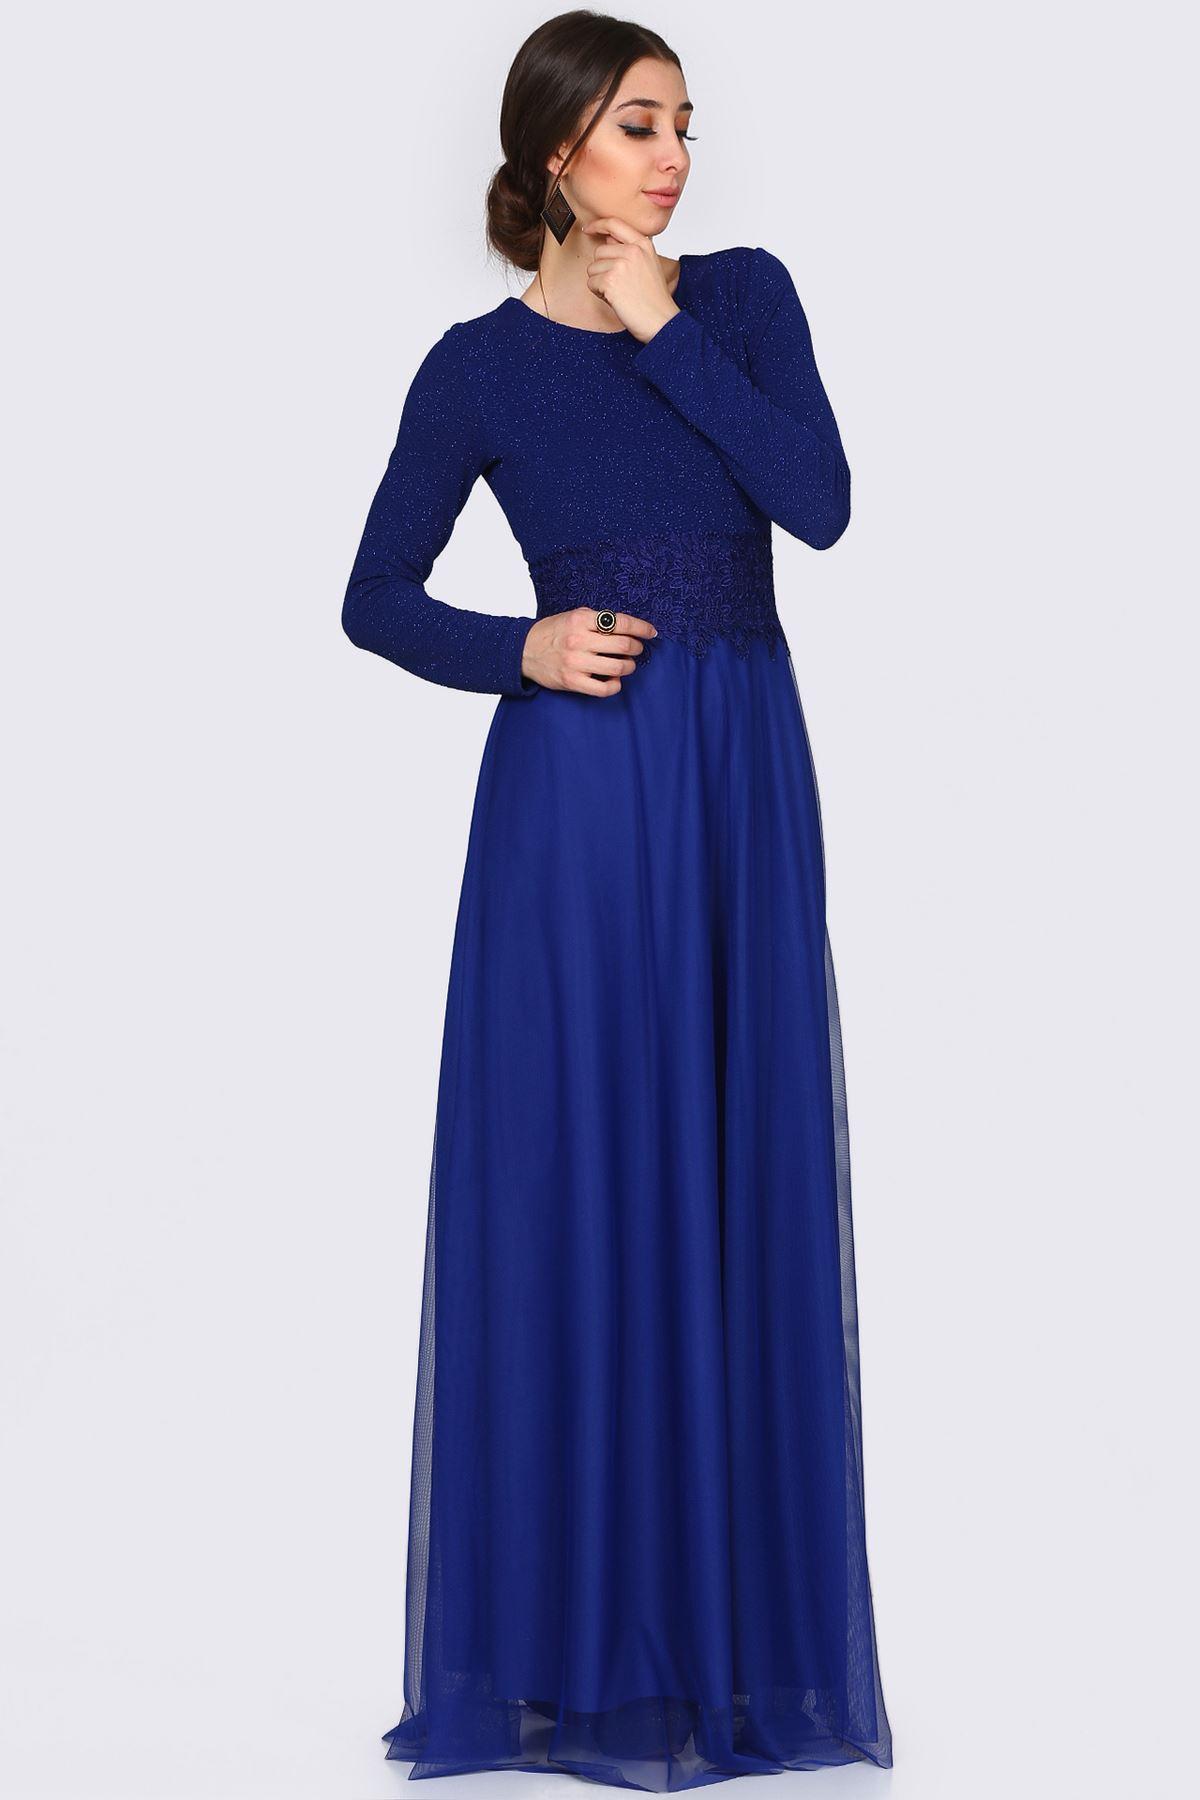 04c23064f3784 Com Tesettur Abiye Modelleri 2 - 2018 Patirti.Com Tesettür Abiye Elbise ...